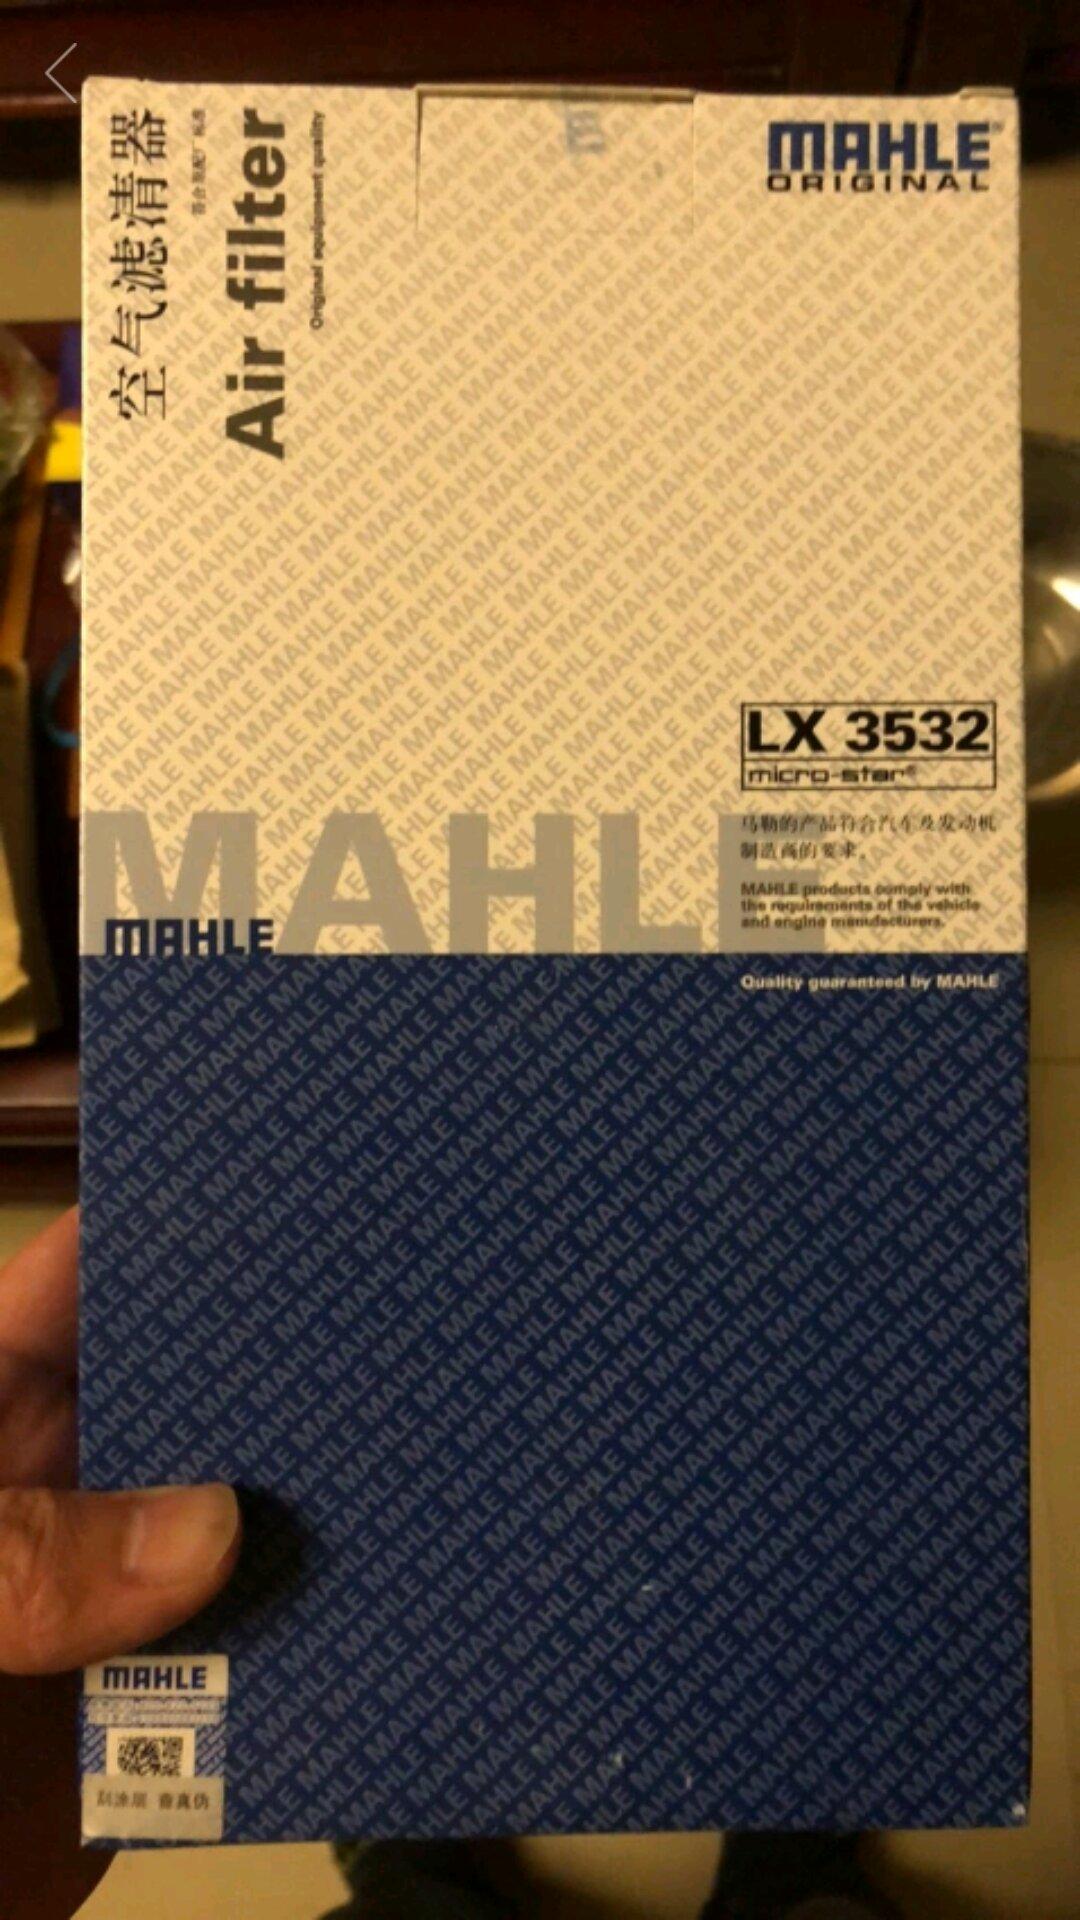 cheap authentic vans shoes online 00185666 wholesale